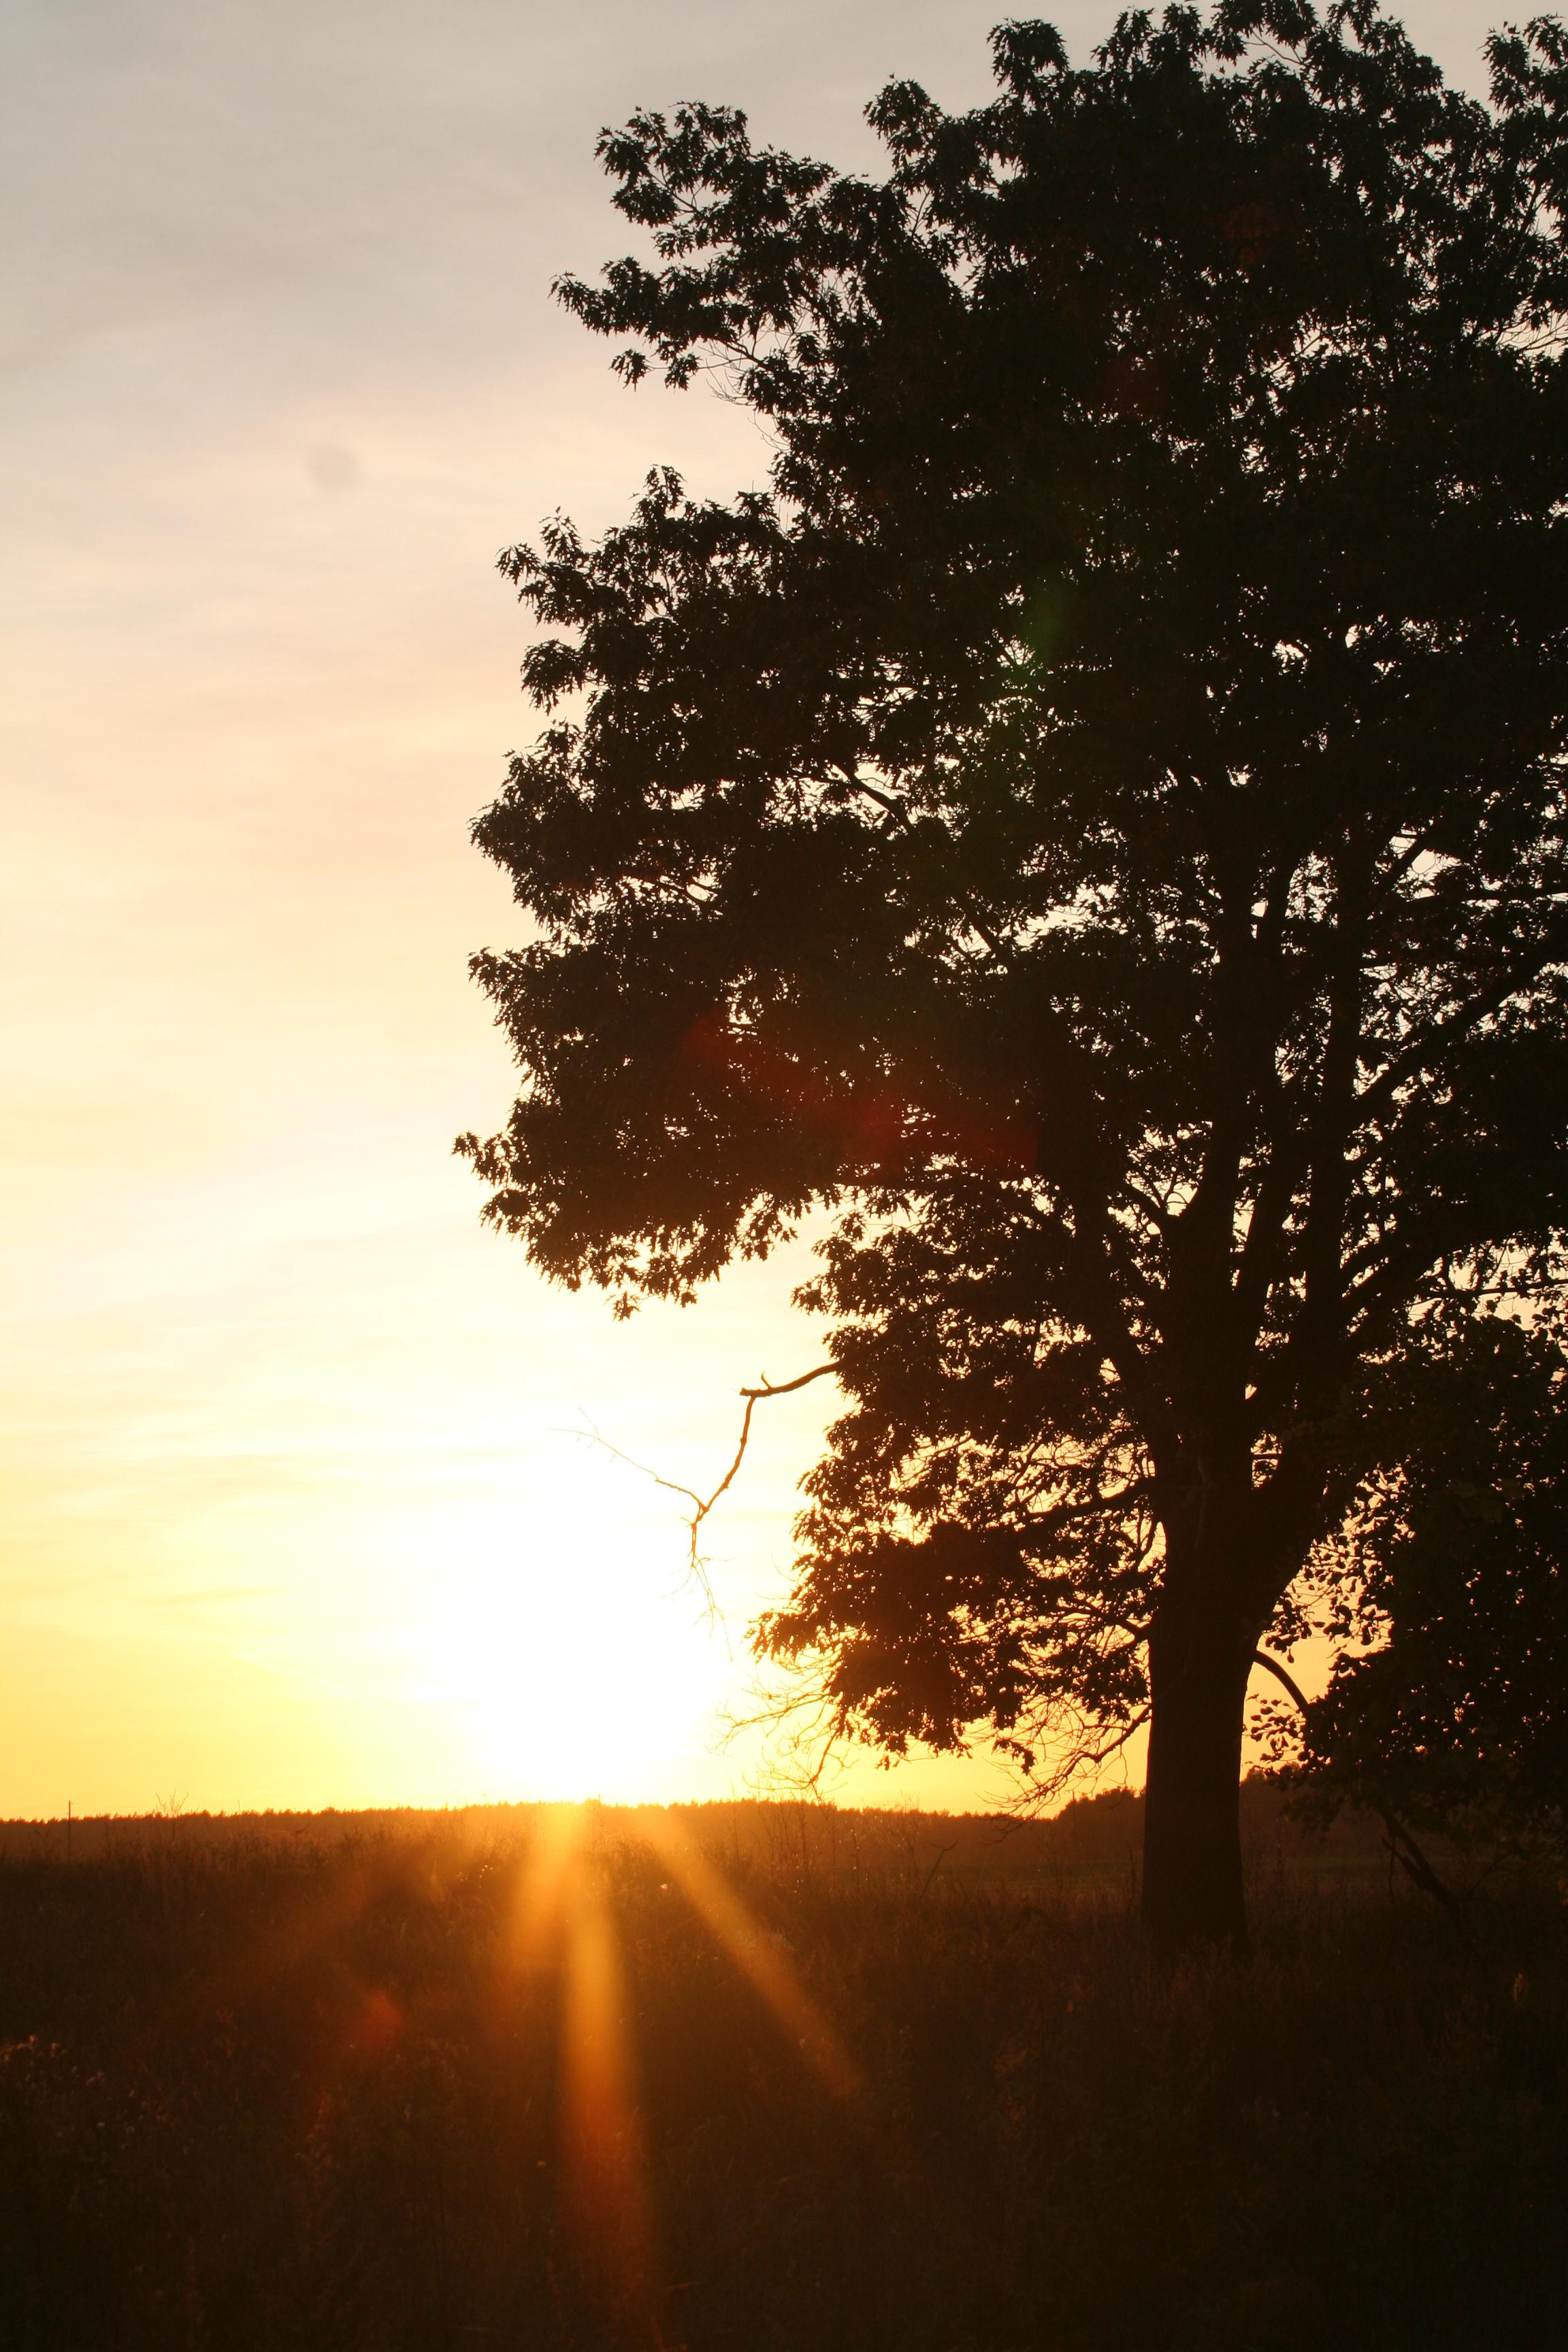 Sonnenuntergang mit Baum